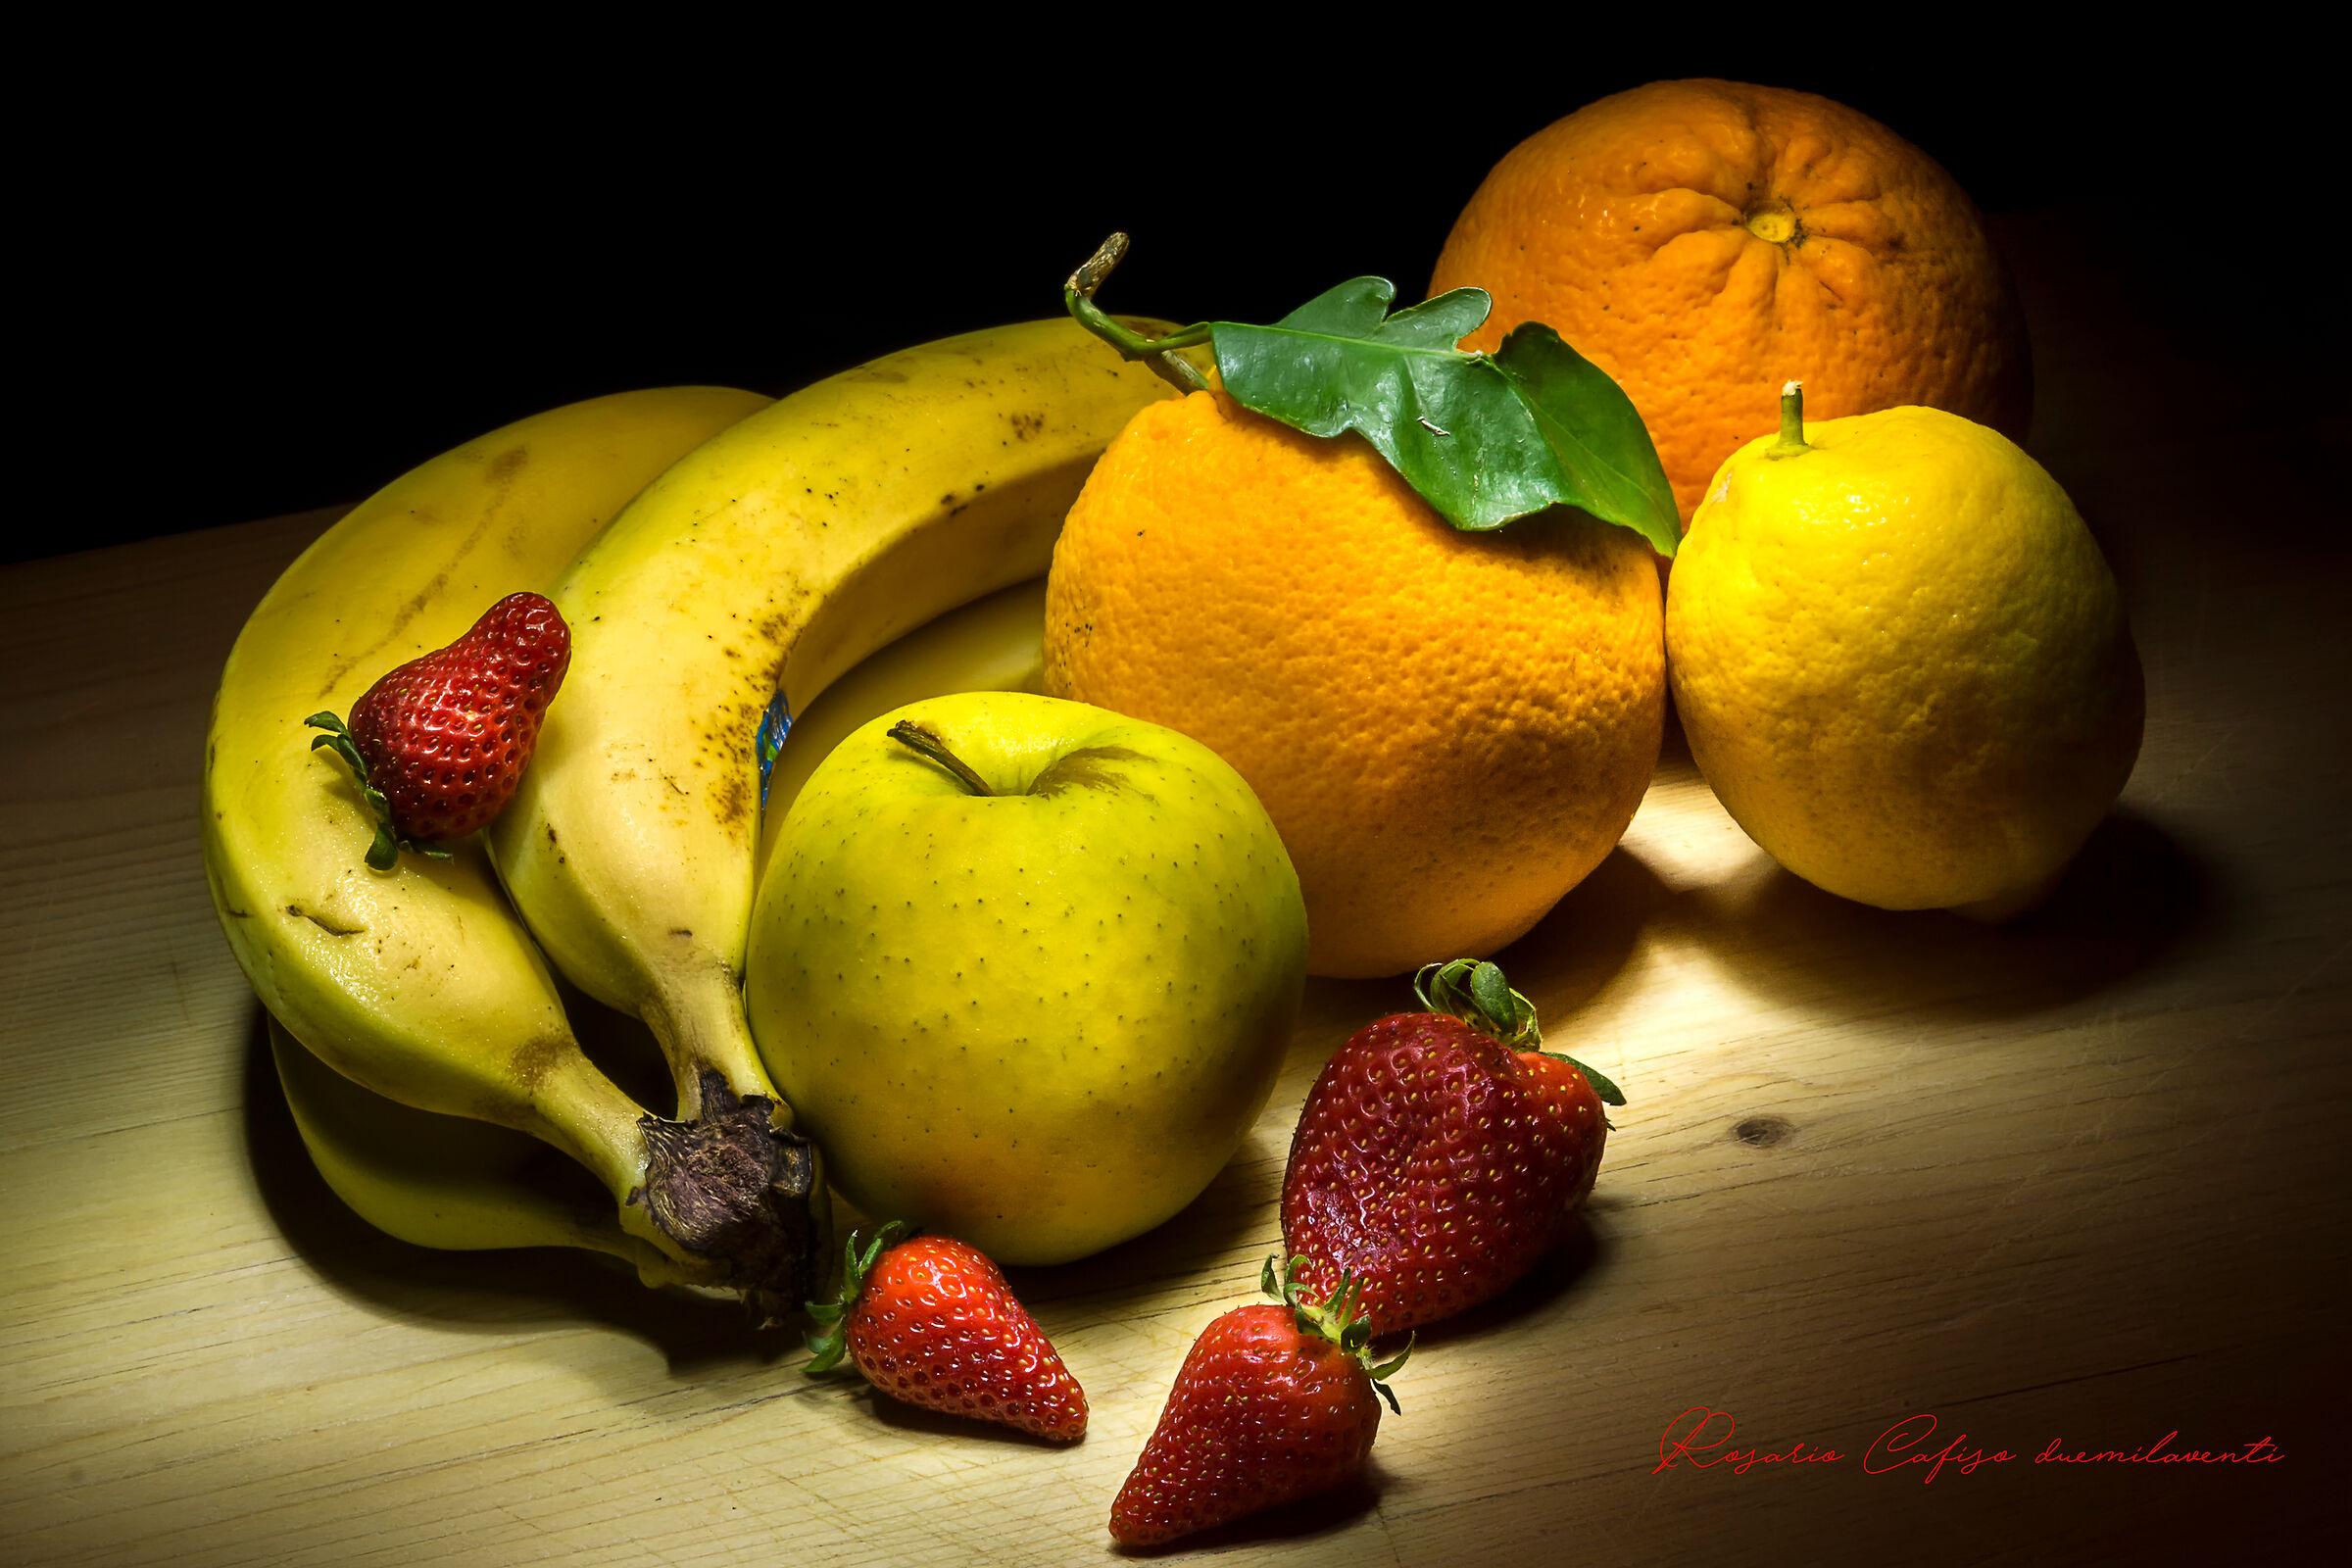 Siamo alla frutta...in tutti i sensi...